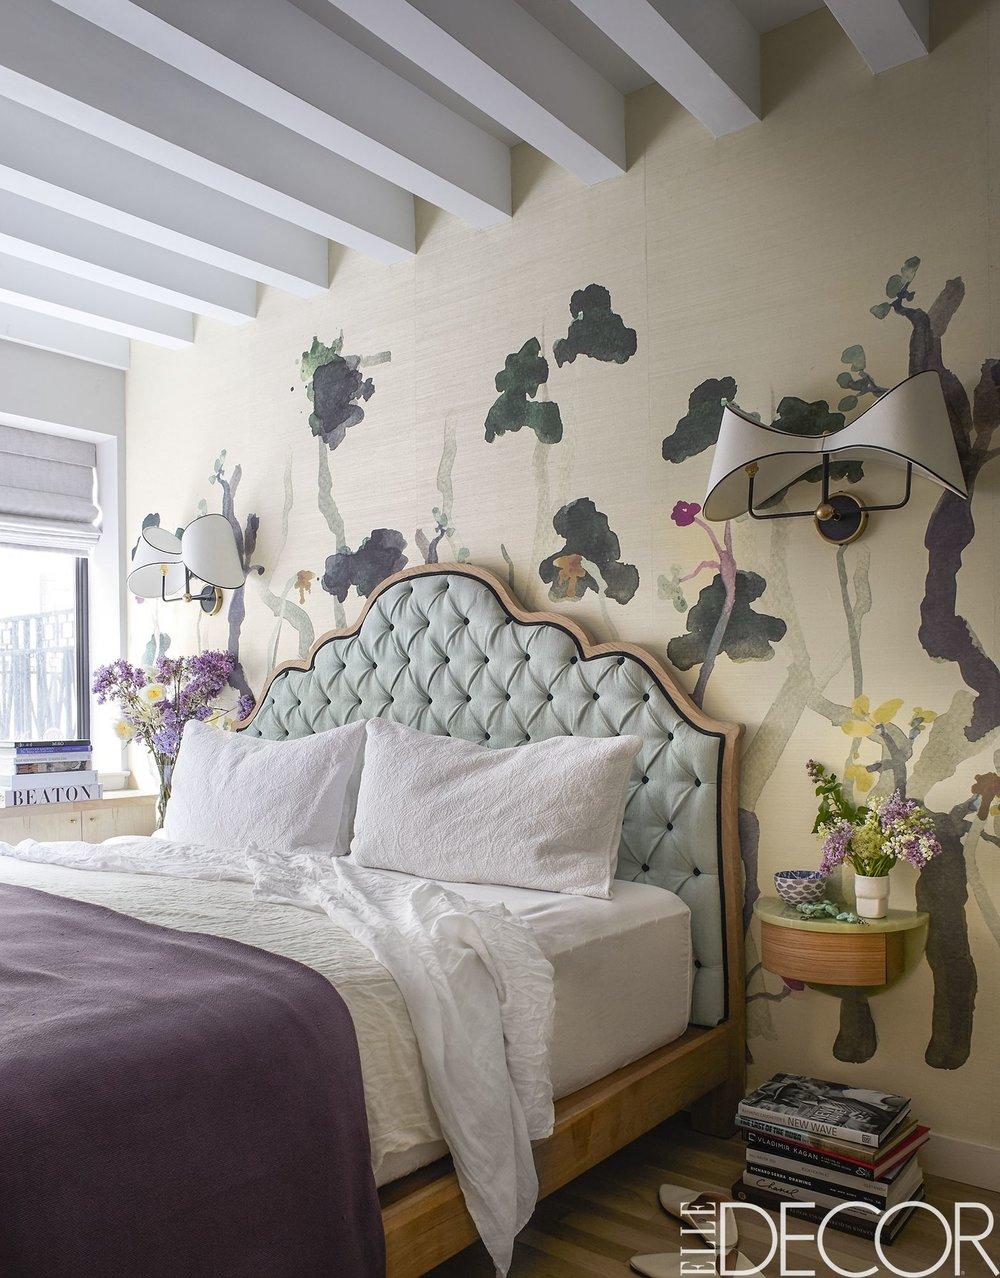 elle-decor-west-village-home-bedroom-1492018976.jpg